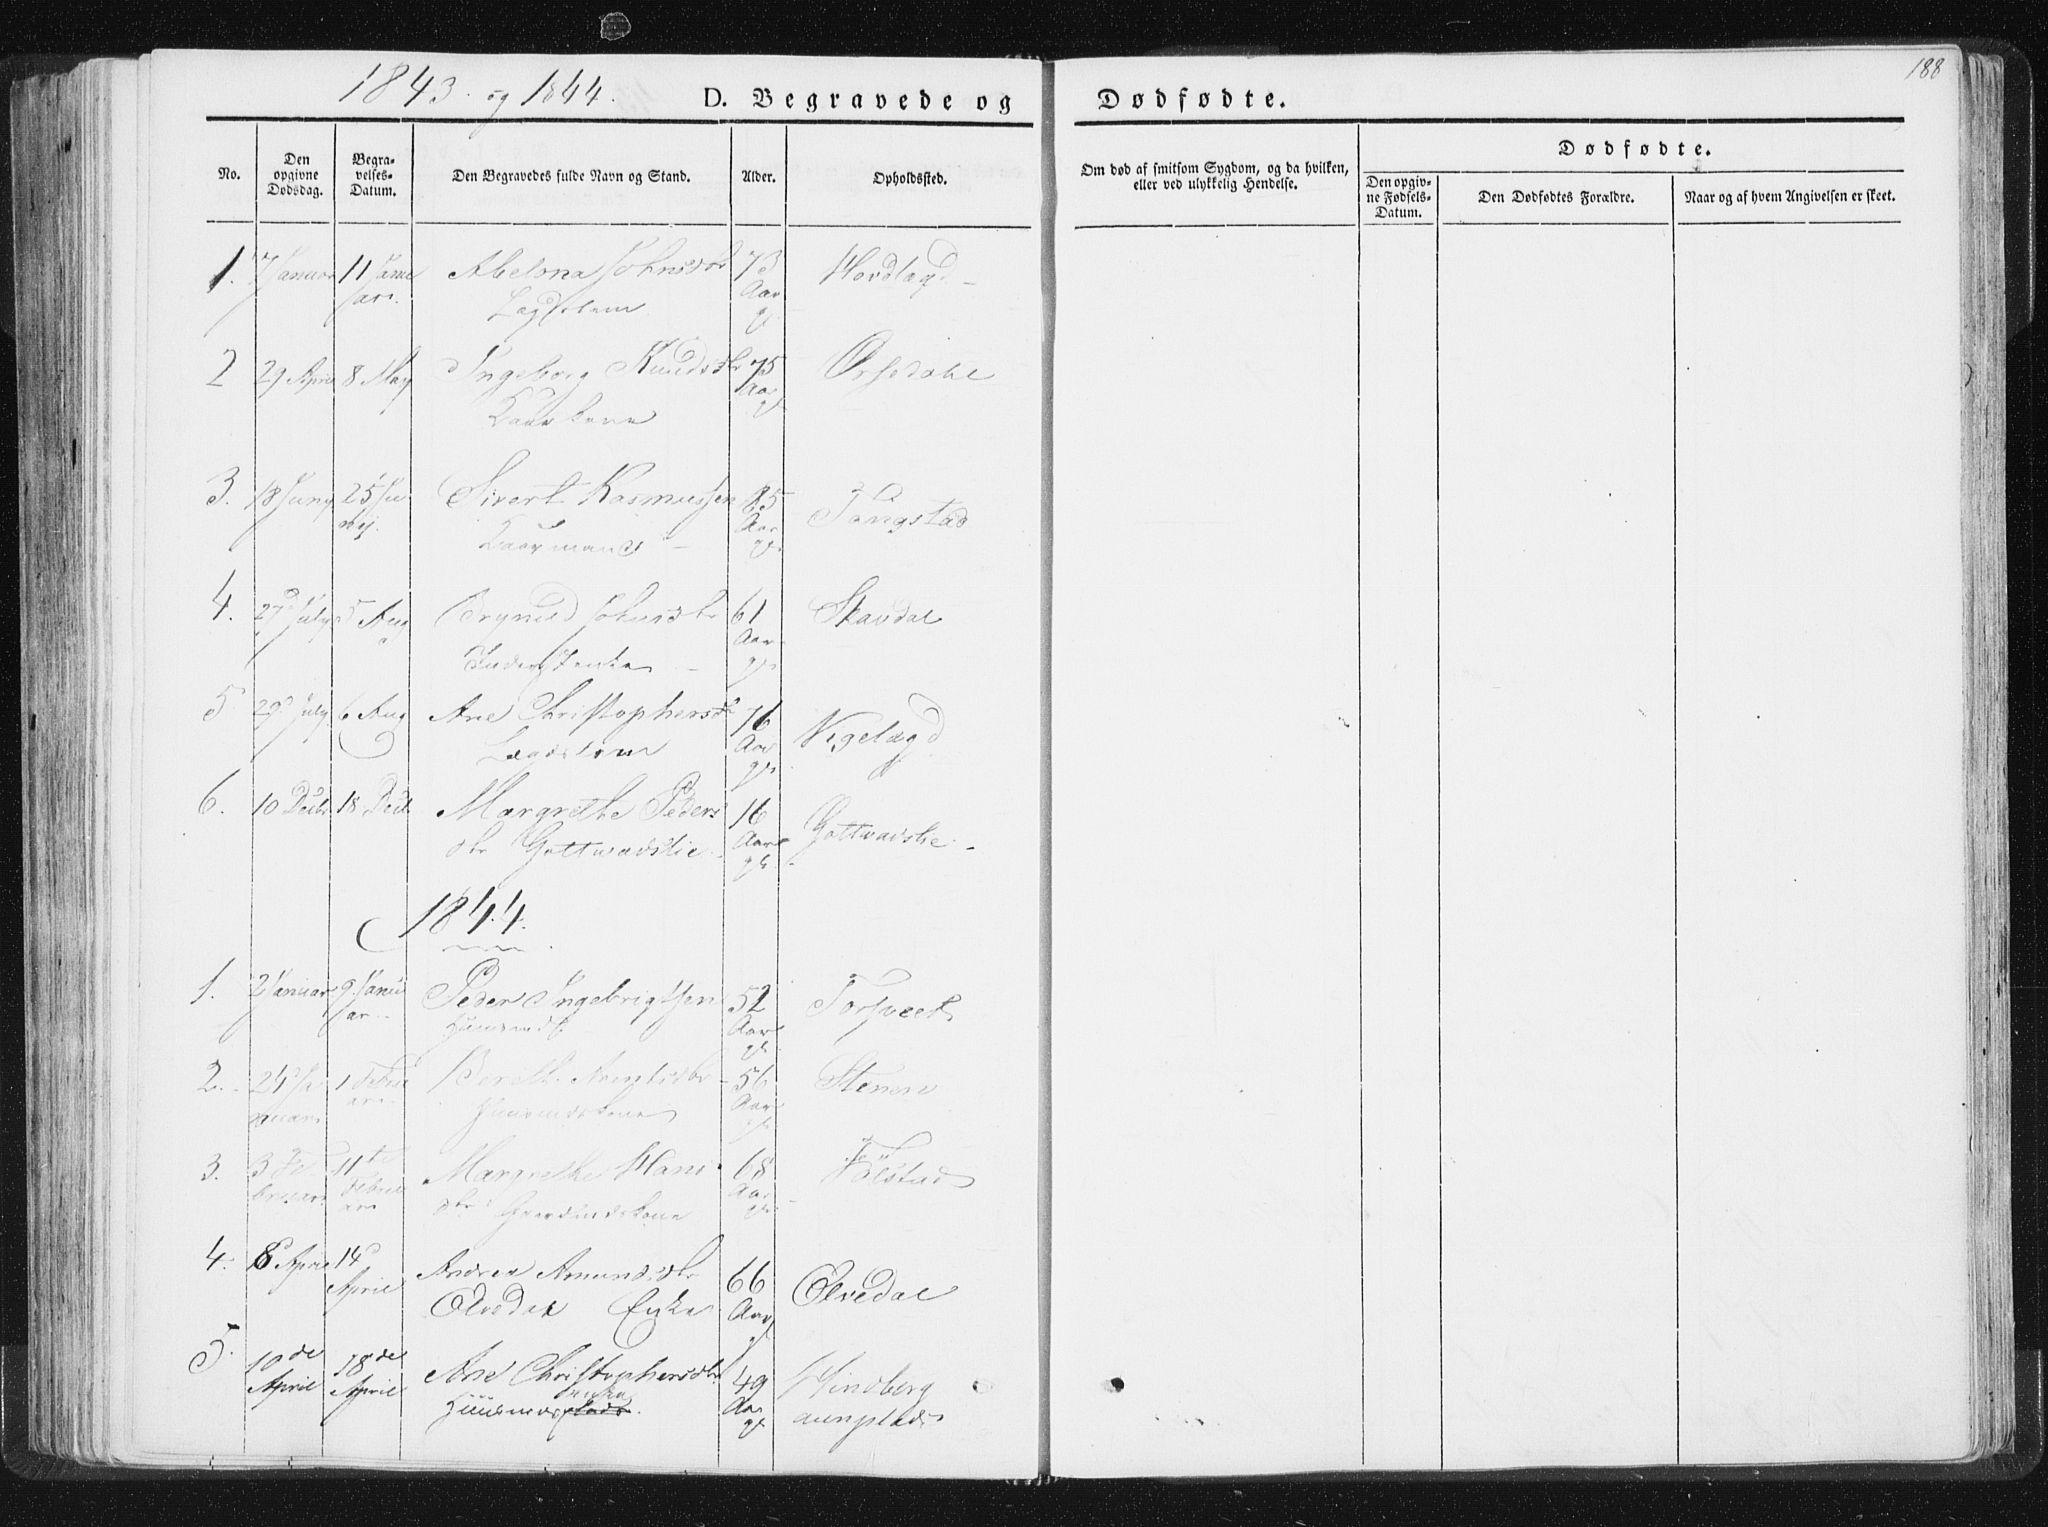 SAT, Ministerialprotokoller, klokkerbøker og fødselsregistre - Nord-Trøndelag, 744/L0418: Ministerialbok nr. 744A02, 1843-1866, s. 188